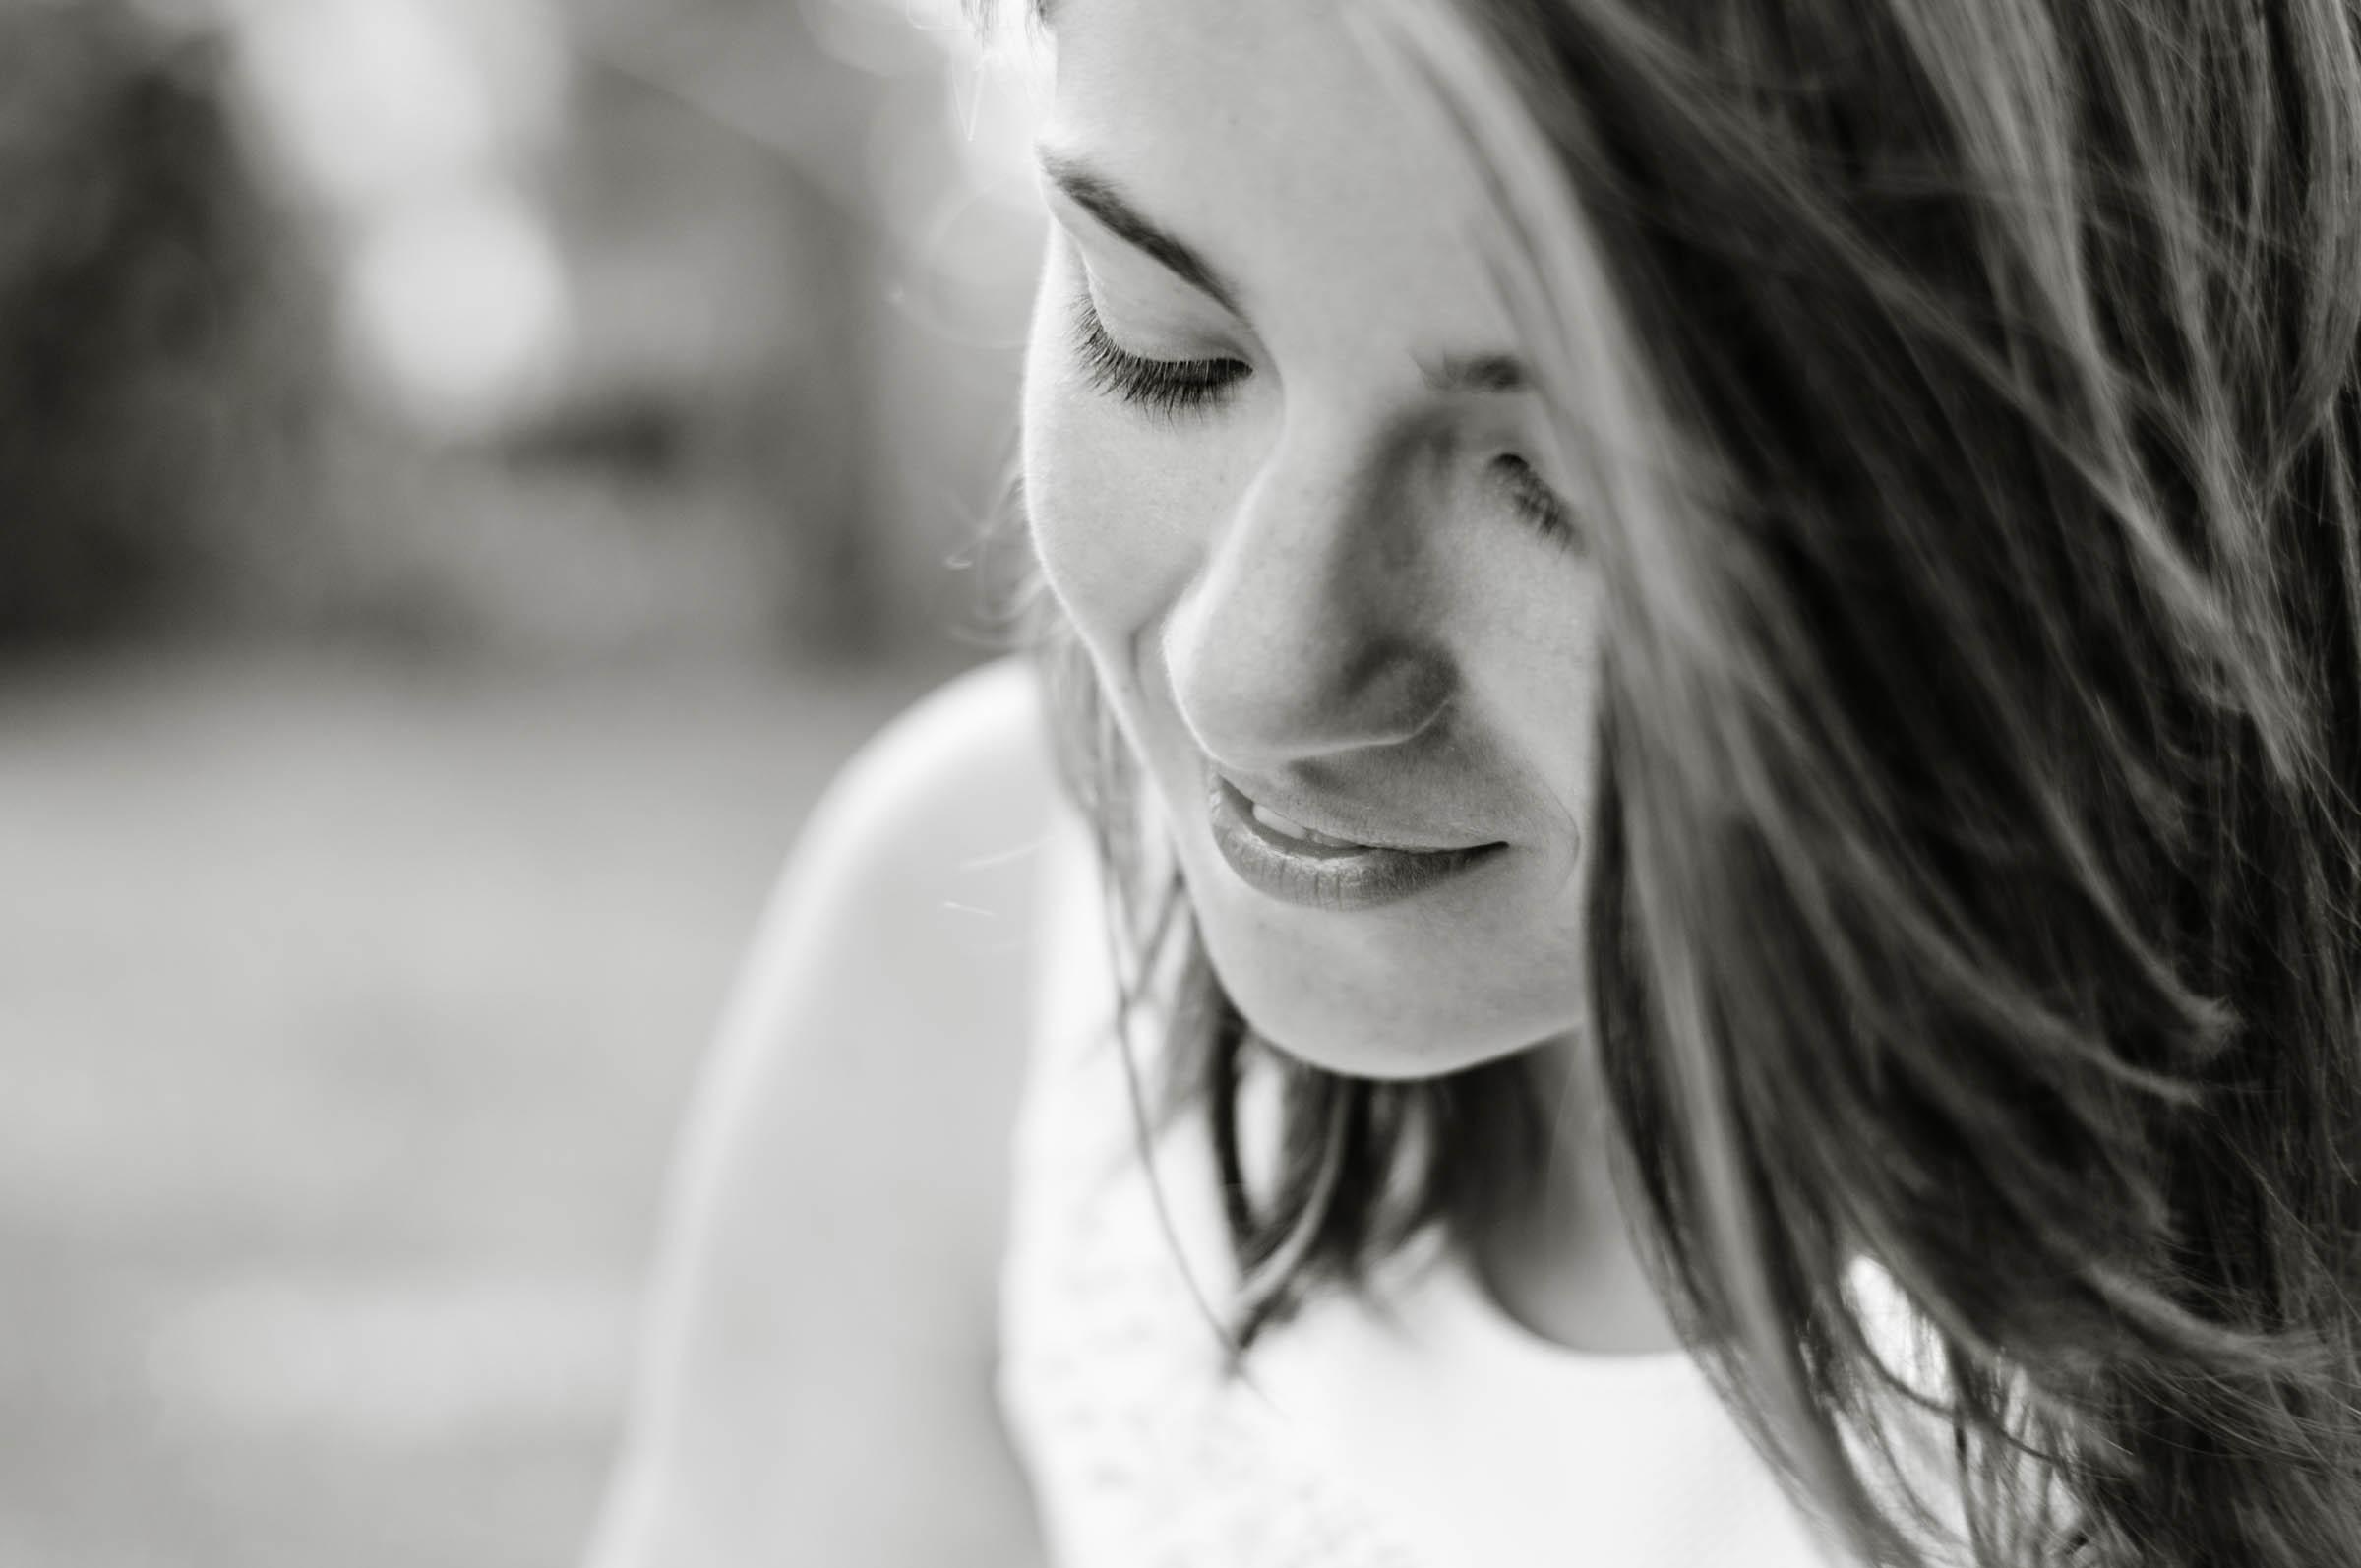 Portrait féminin - Photographe portrait femme - Pascaline Michon - Photographe Laval - Photographe Le Mans - Photographe Angers